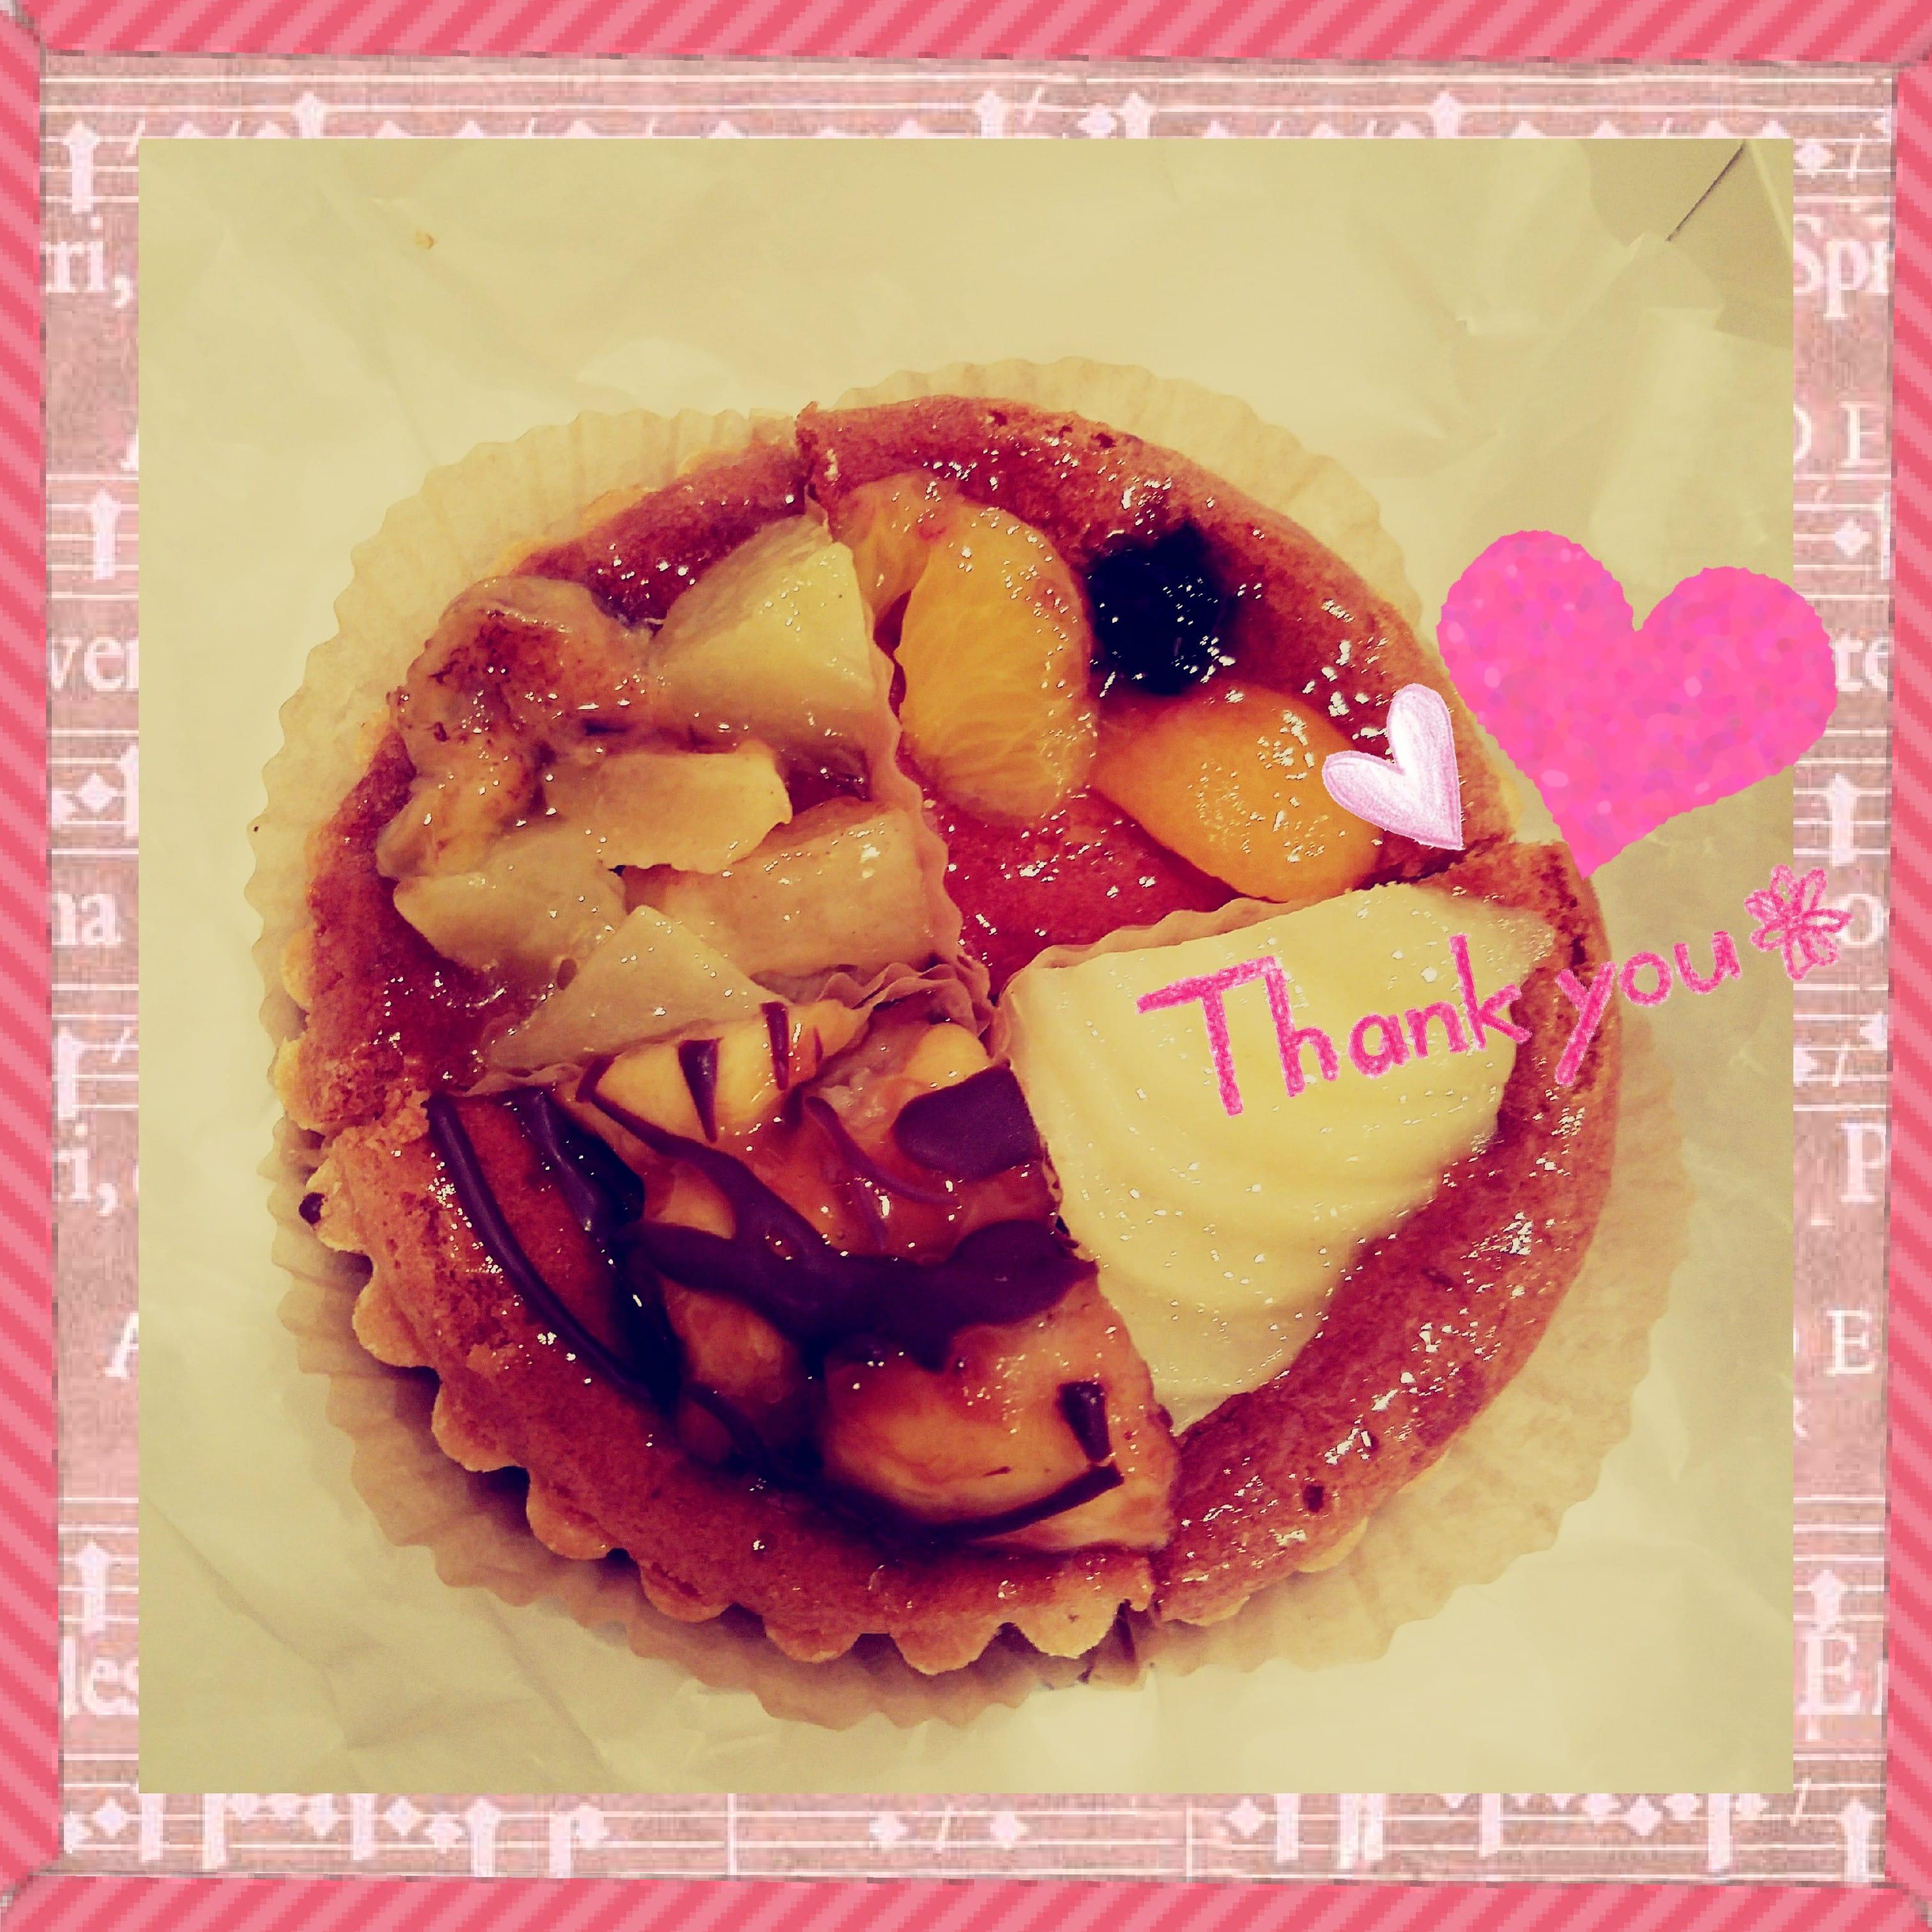 「*お礼*」03/19(月) 23:50   あおいの写メ・風俗動画